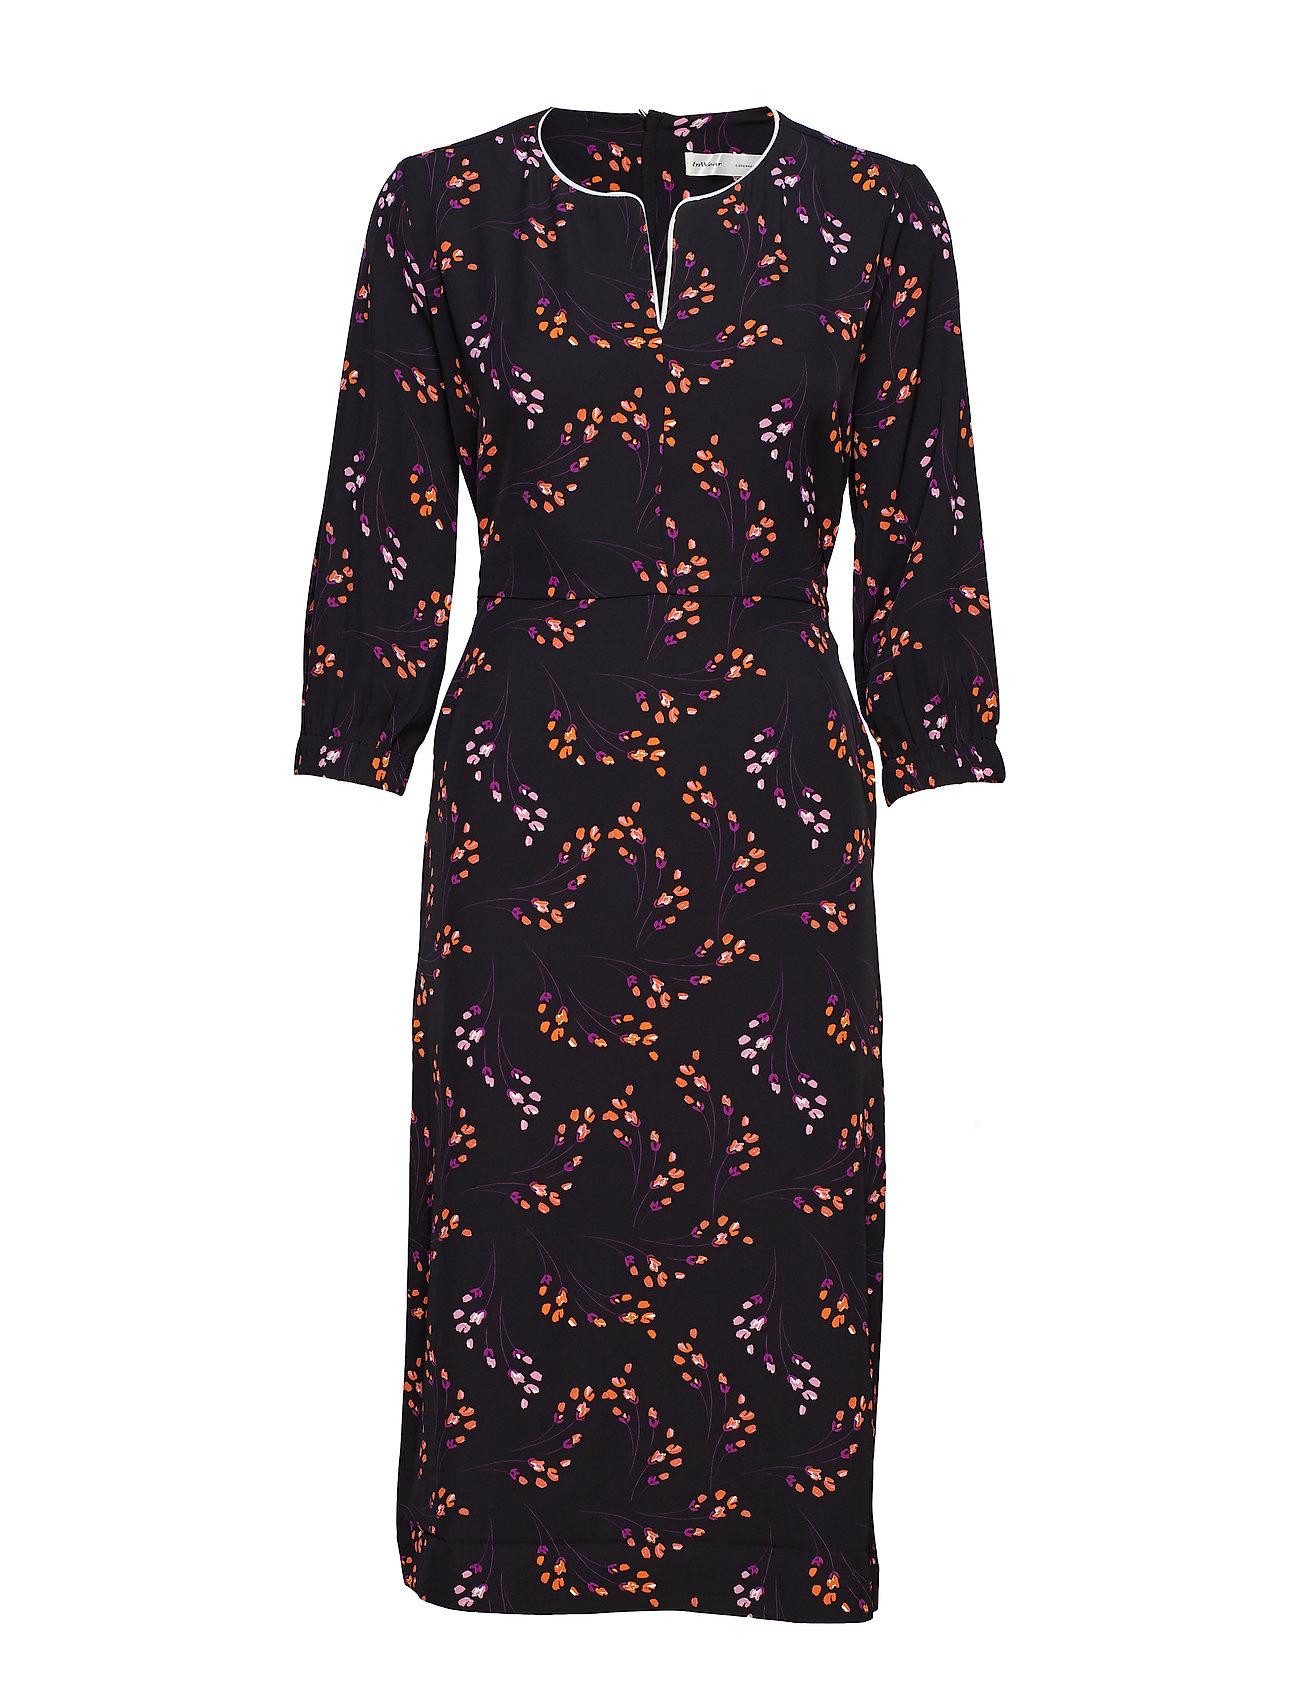 InWear Nichelle Dress - MINI FLOWERS